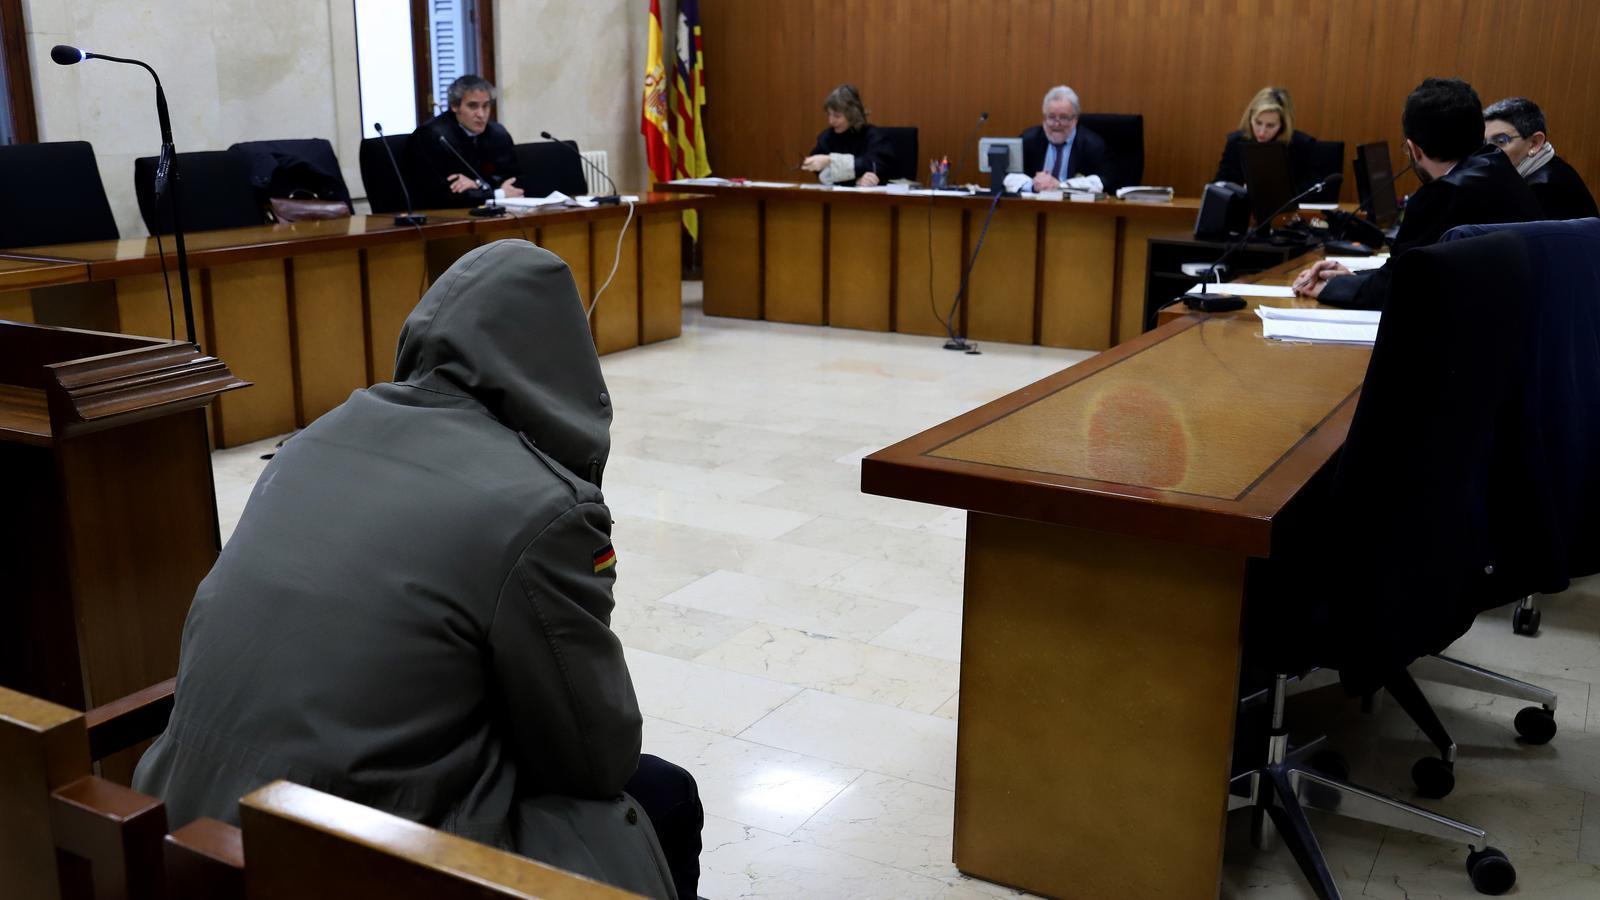 Imatge del judici a la Secció Segona de l'Audiència Provincial de Palma